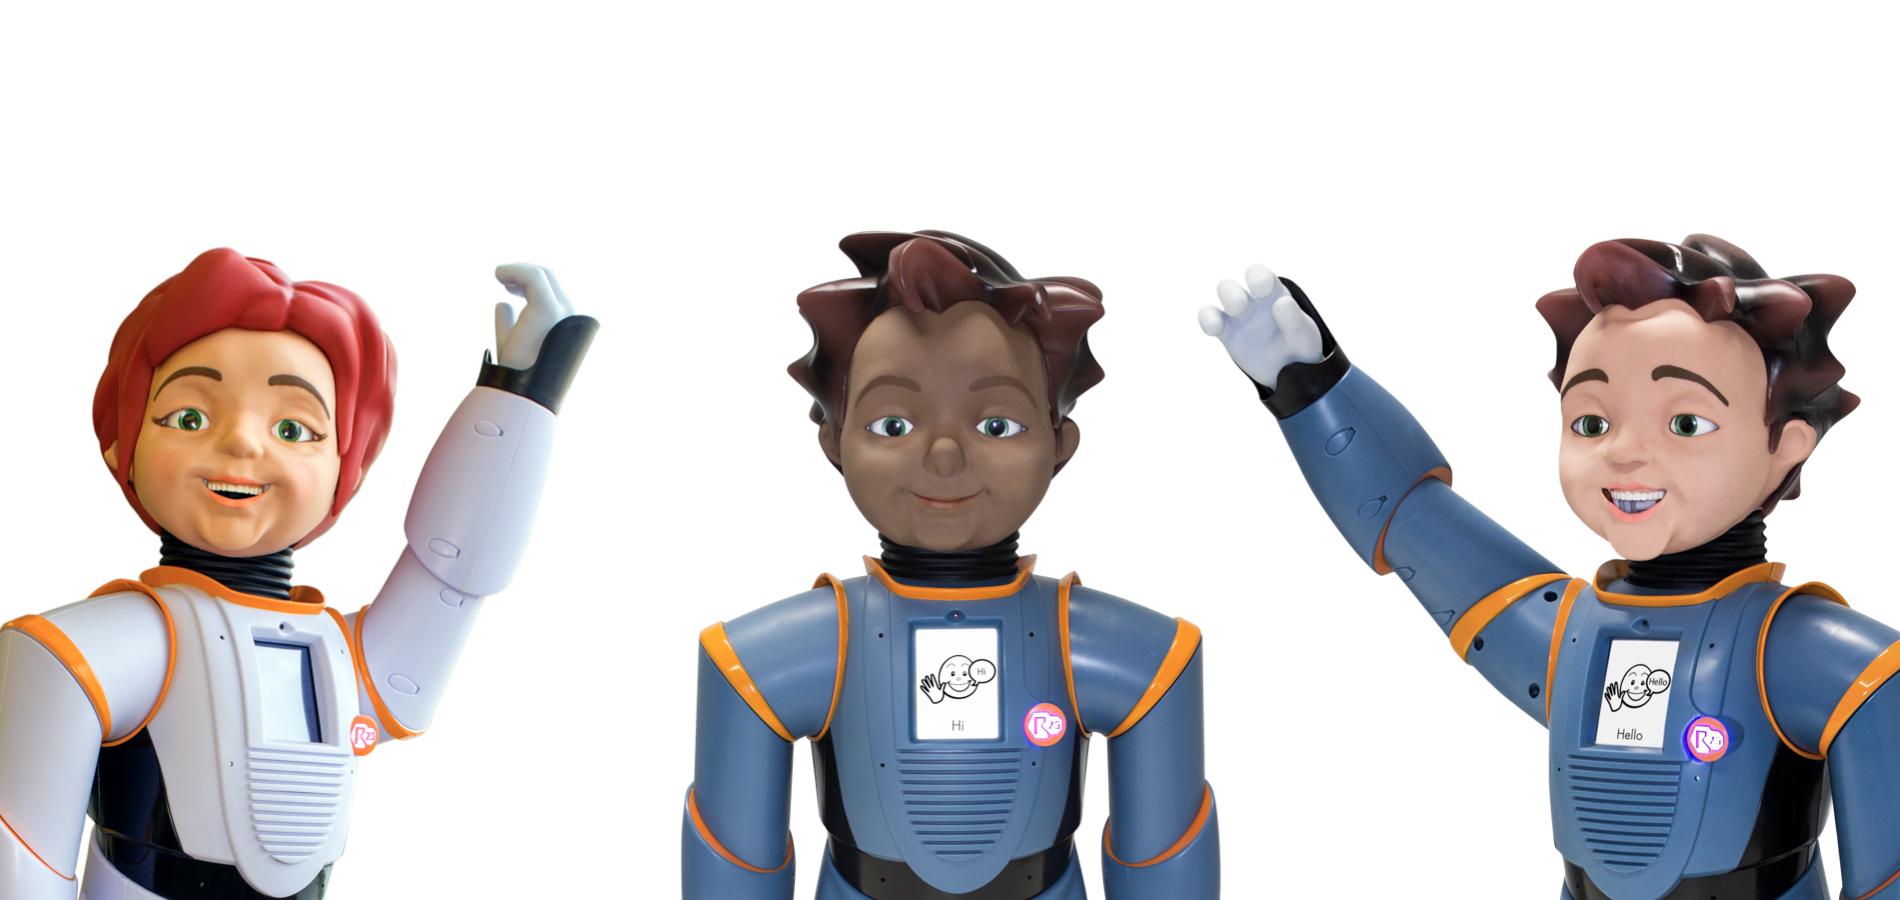 Advanced social robots for educators.